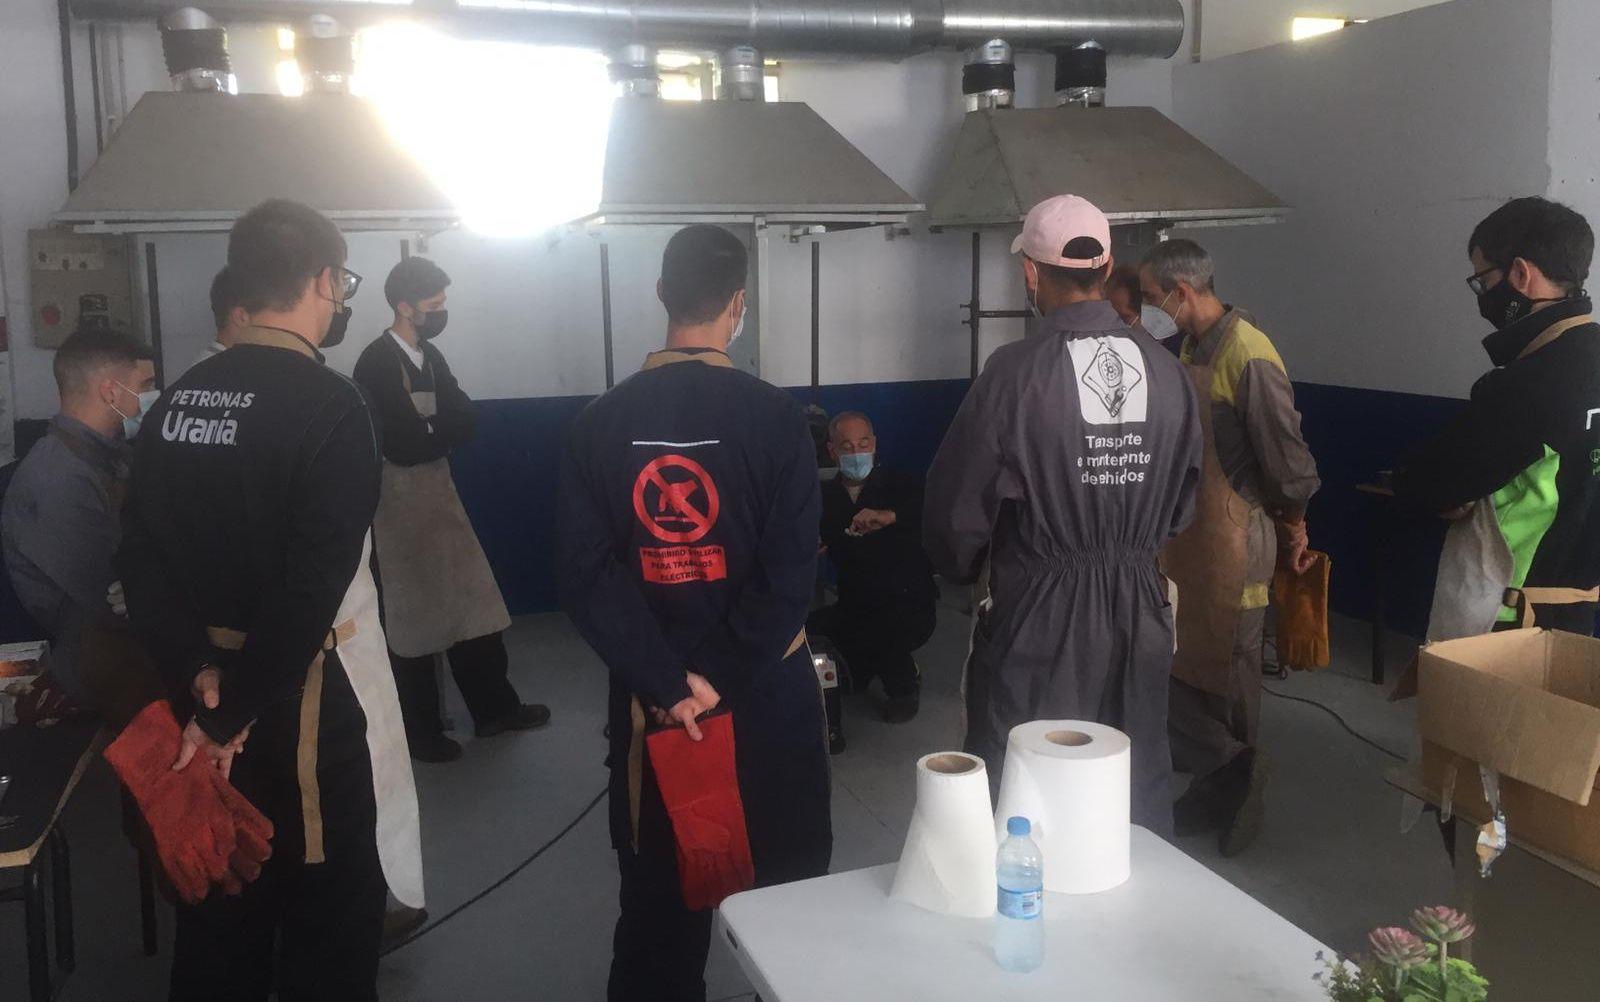 Dez persoas asistiron este sábado nas instalacións de Apaga, en Ribadeo, a un curso de soldadura con electrodo de nivel I